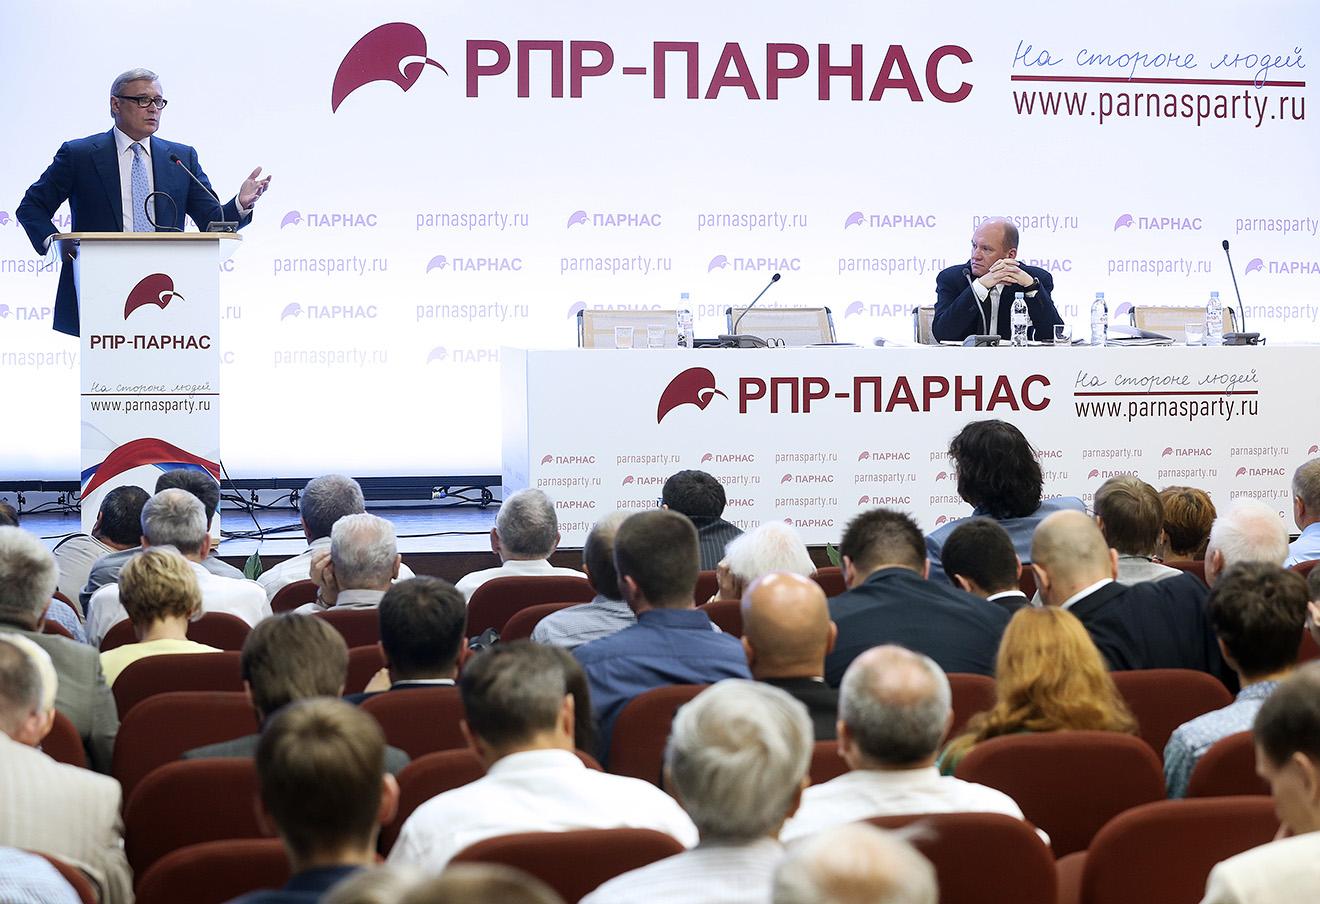 Михаил Касьянов и Константин Мерзликин (слева направо на дальнем плане) на съезде партии РПР-ПАРНАС.